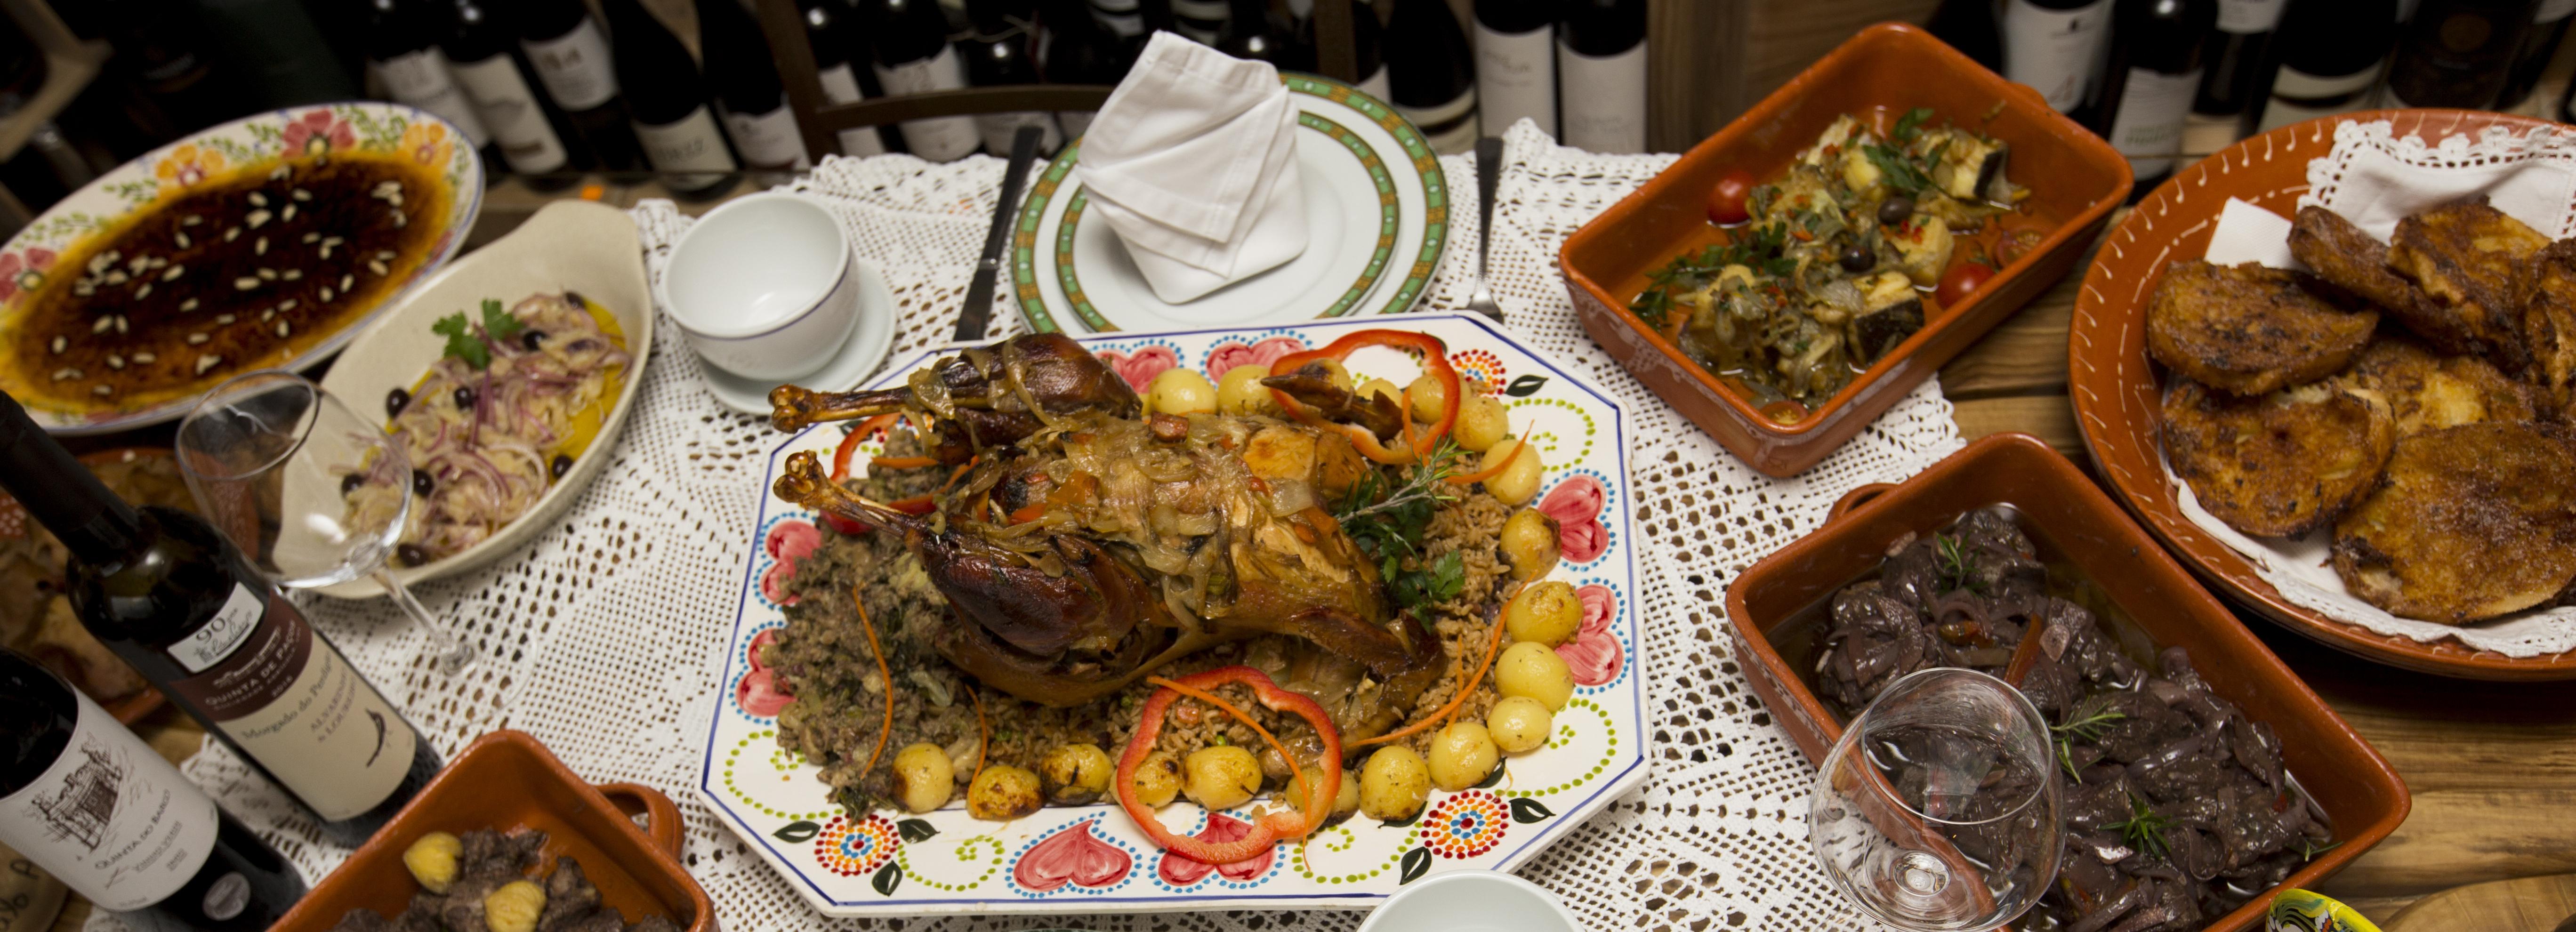 """""""7 Prazeres da Gastronomia"""" apresentados à mesa"""